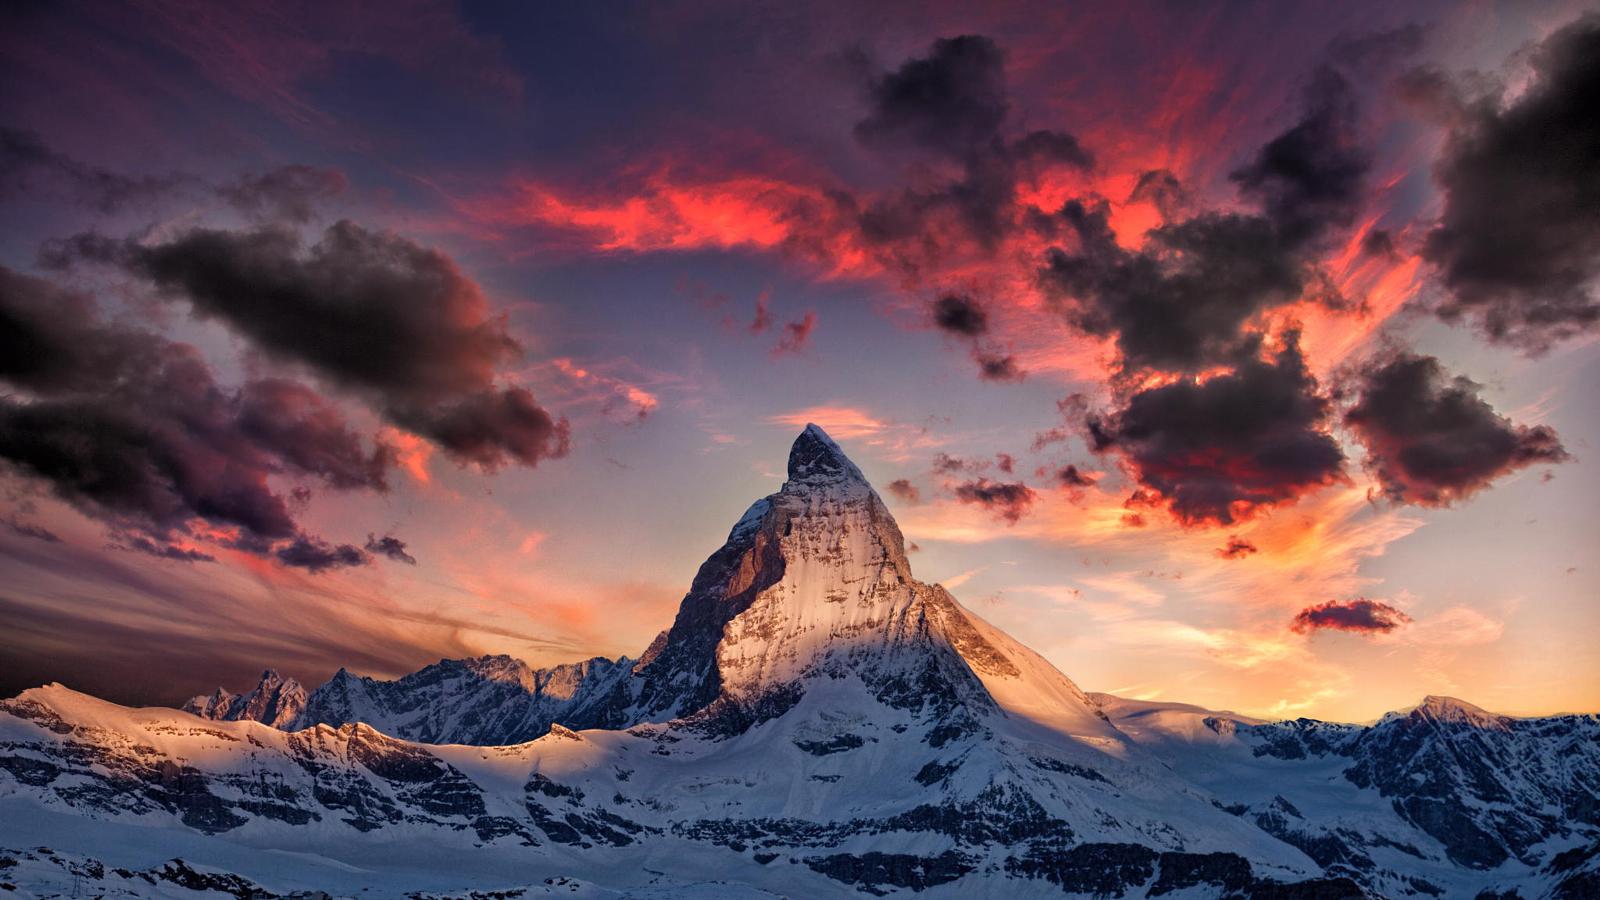 Самое интересное Смешные картинки и фотографии : Маленькие диванчики для котиков